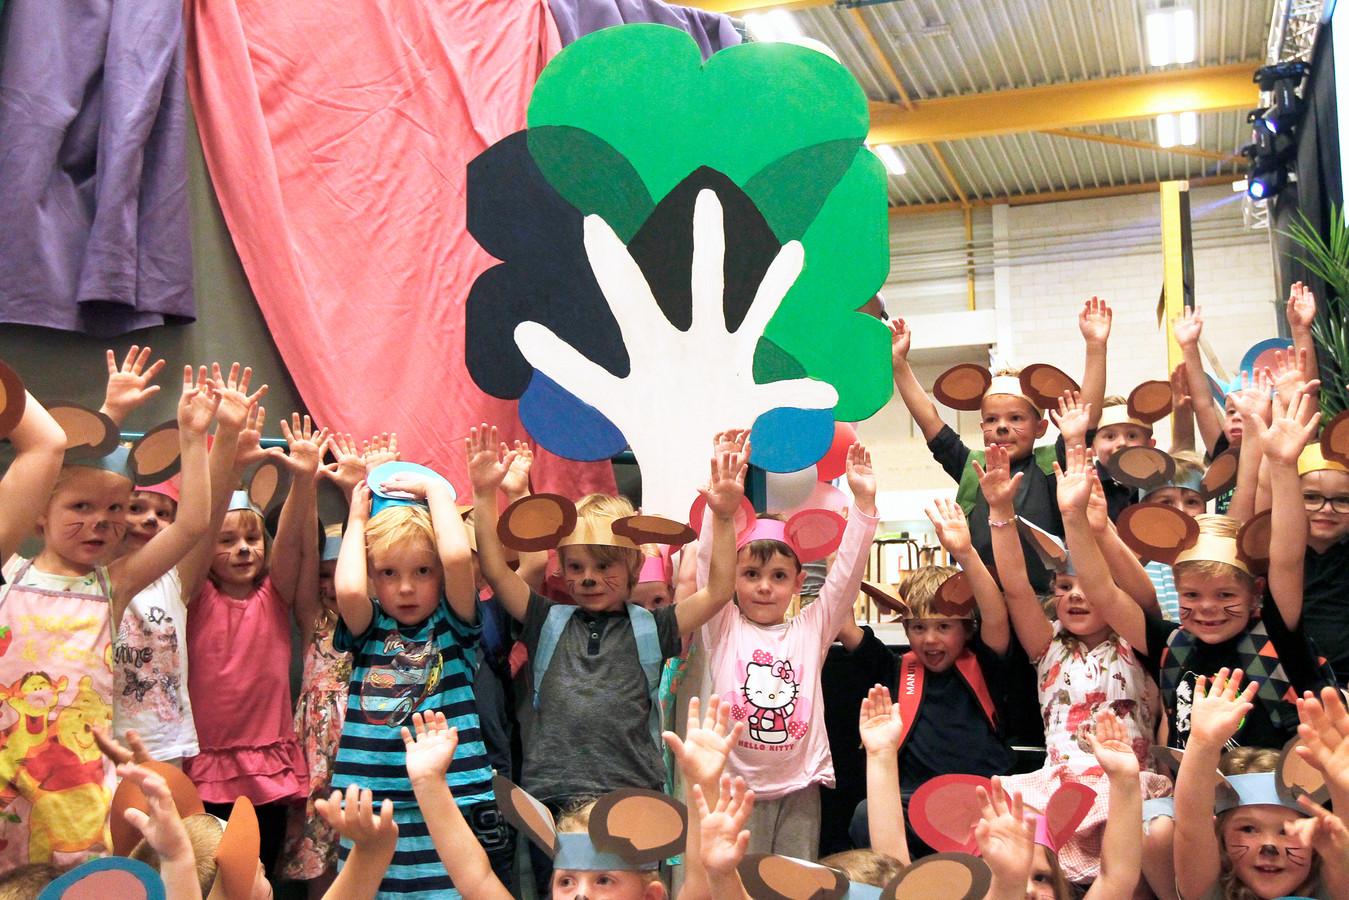 Kinderen van de Barchschole vierden een paar jaar geleden een feestje toen hun school een nieuwe logo onthulde. Nu gaat de school samen met basisschool De Wereldboom uit Borculo.